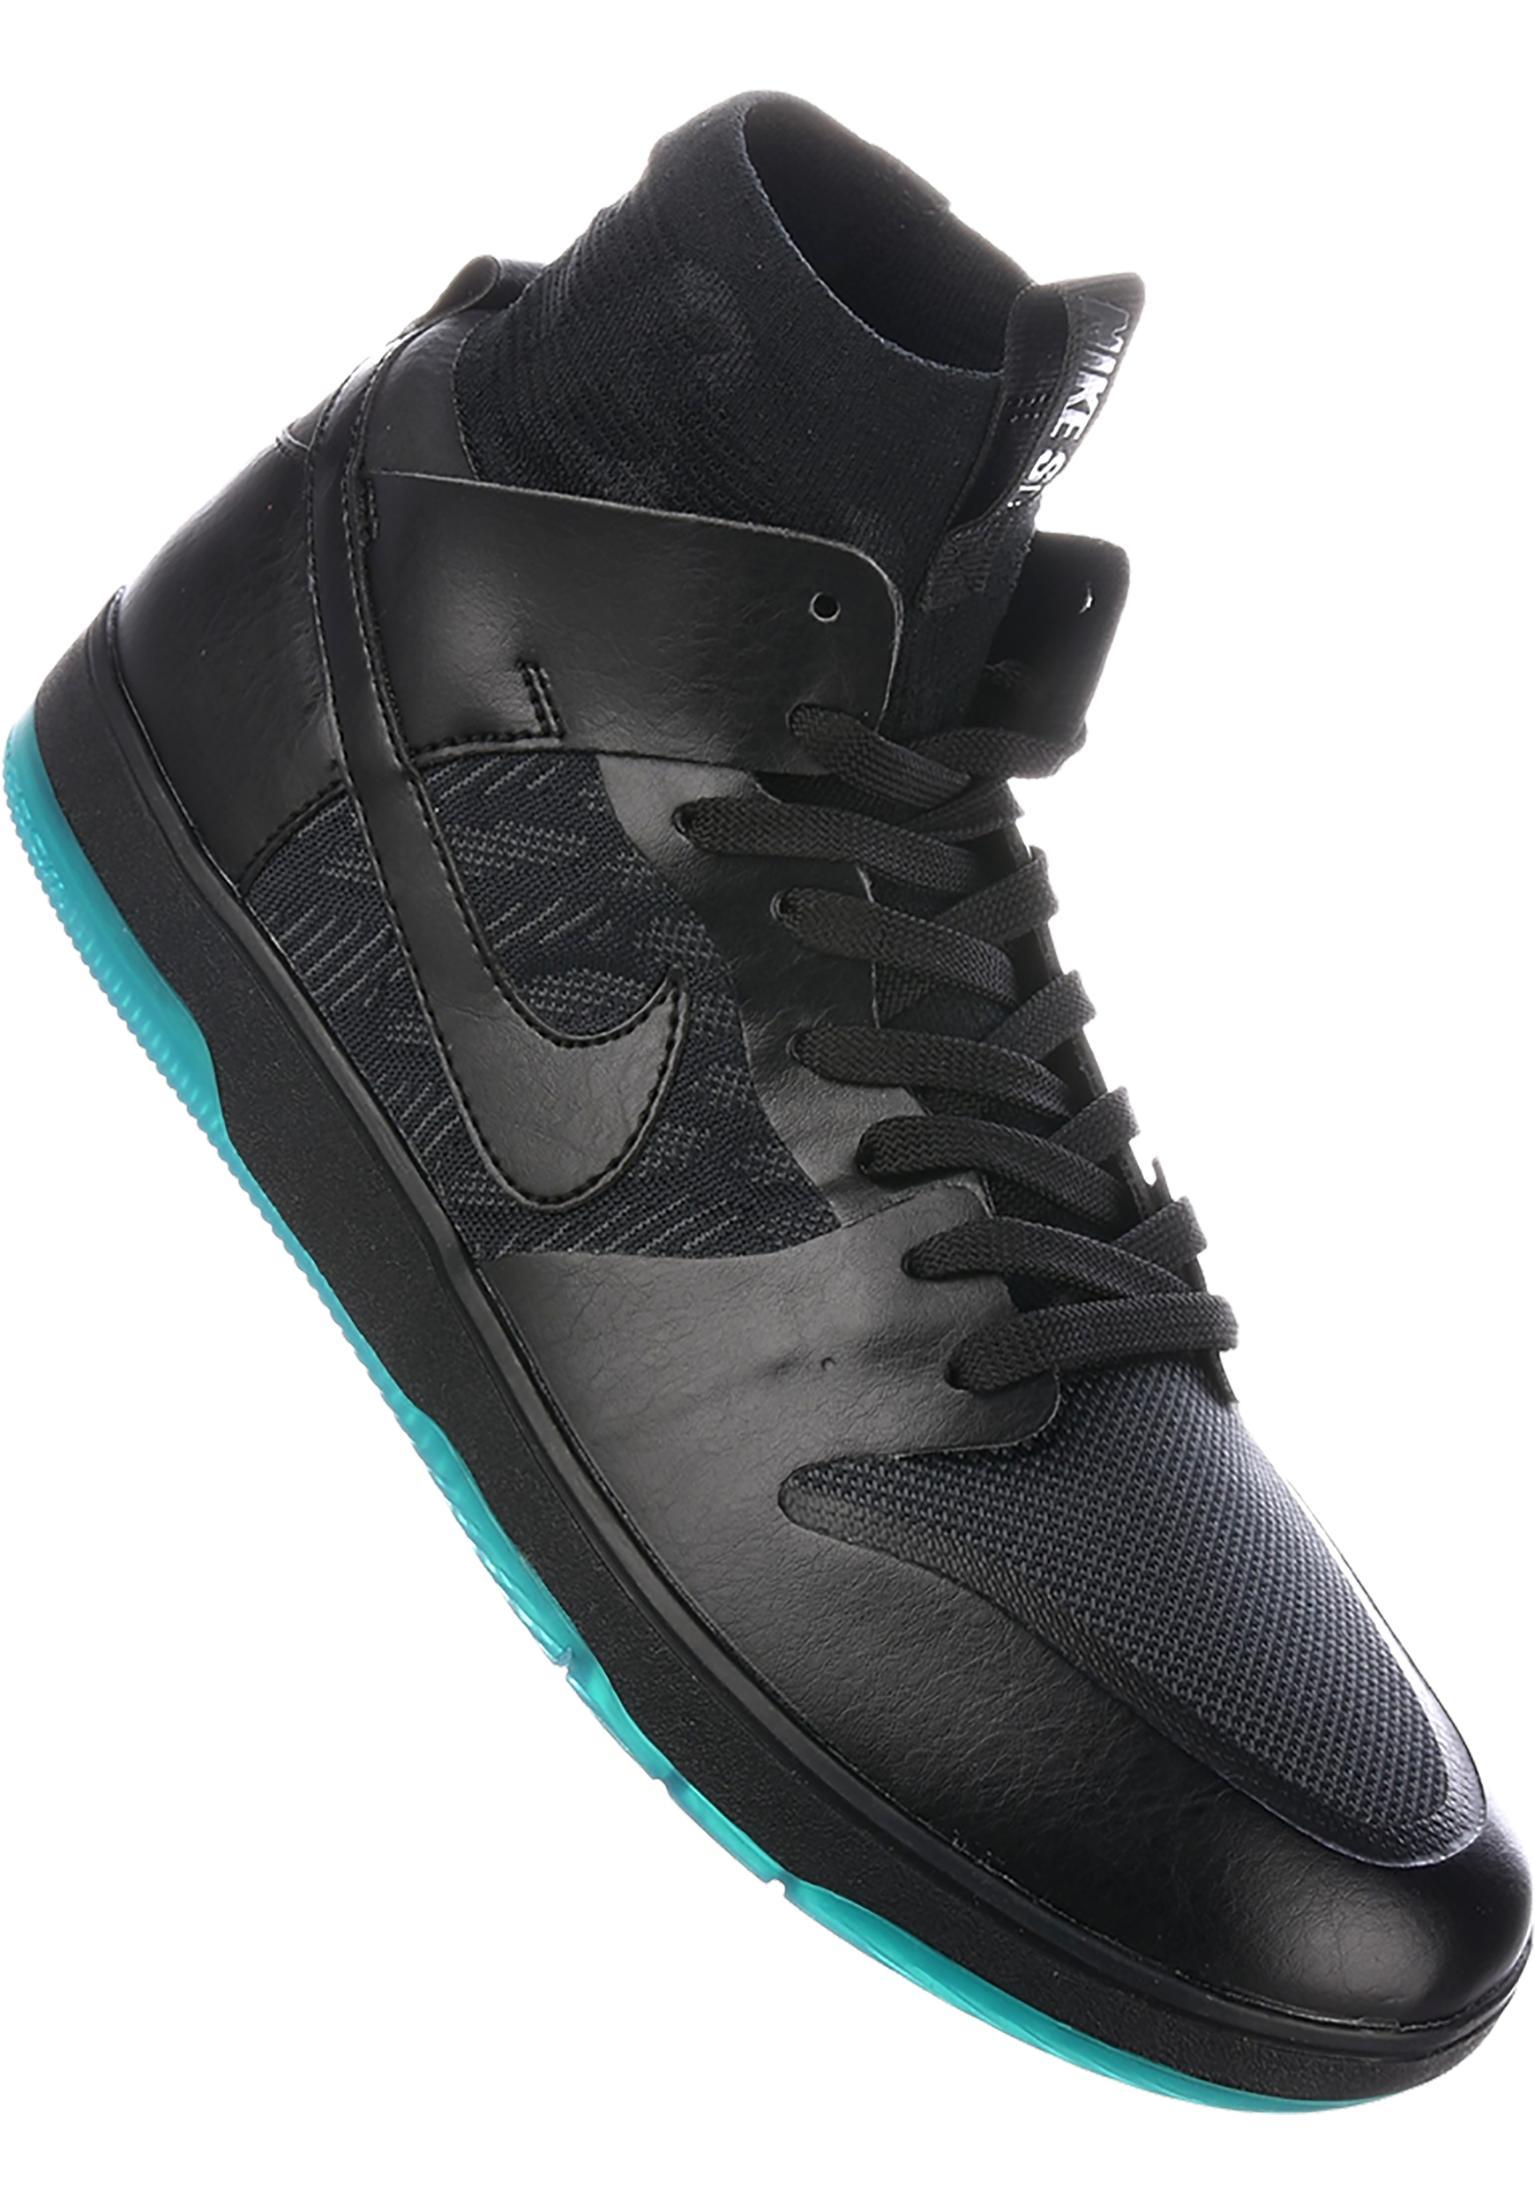 wholesale dealer a22e7 b69d2 Zoom Dunk High Elite Nike SB All Shoes in black-teal for Men